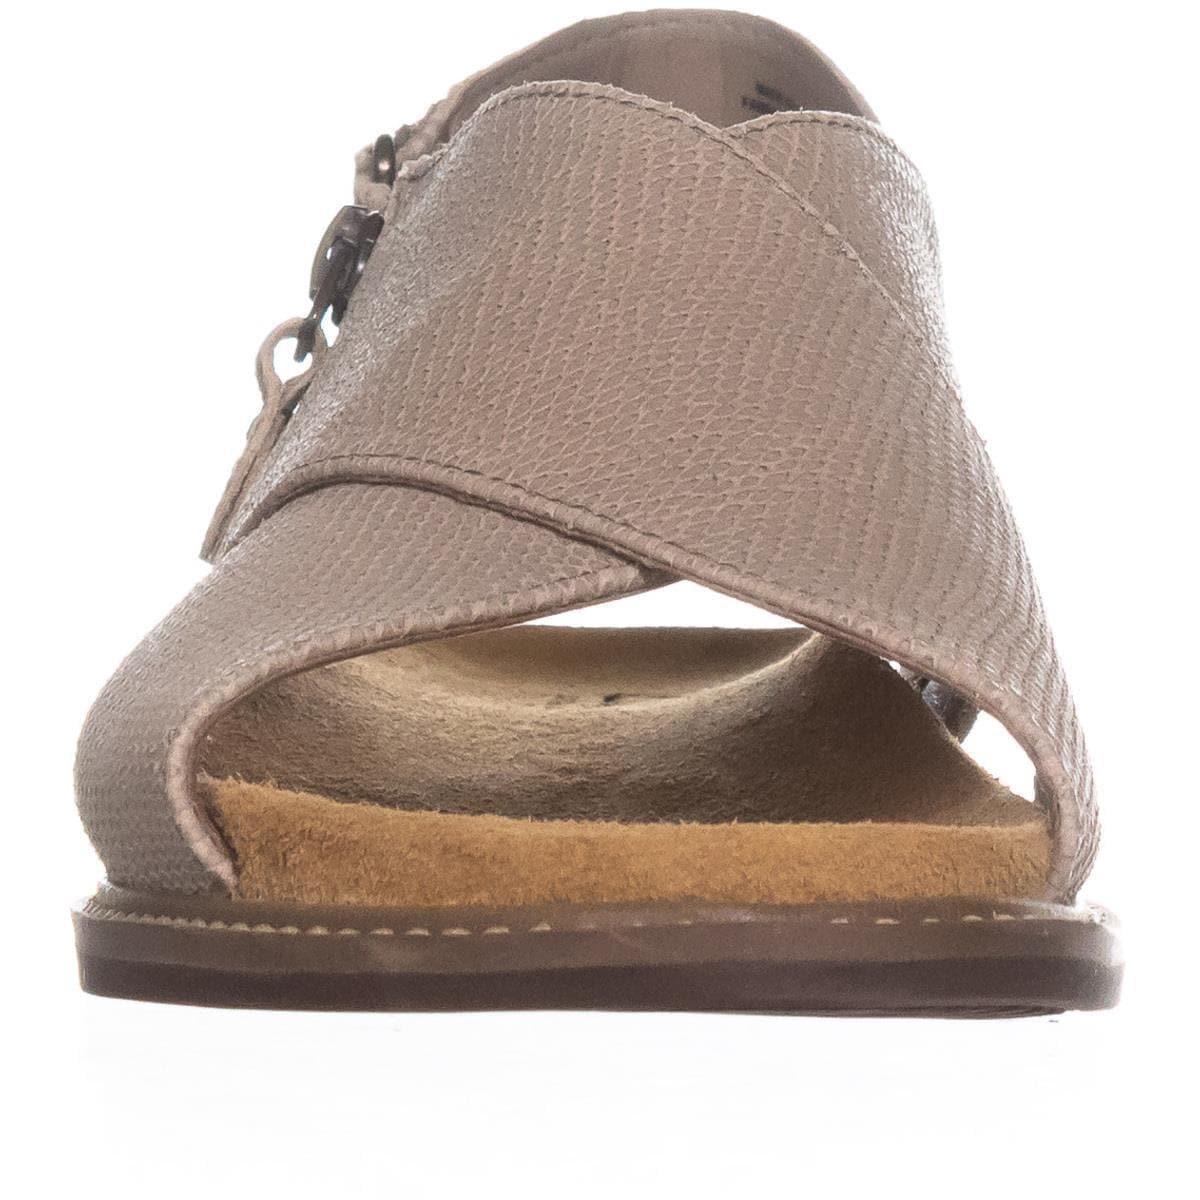 4f1325e893e Shop Clarks Corsio Calm Criss Cross Sandals